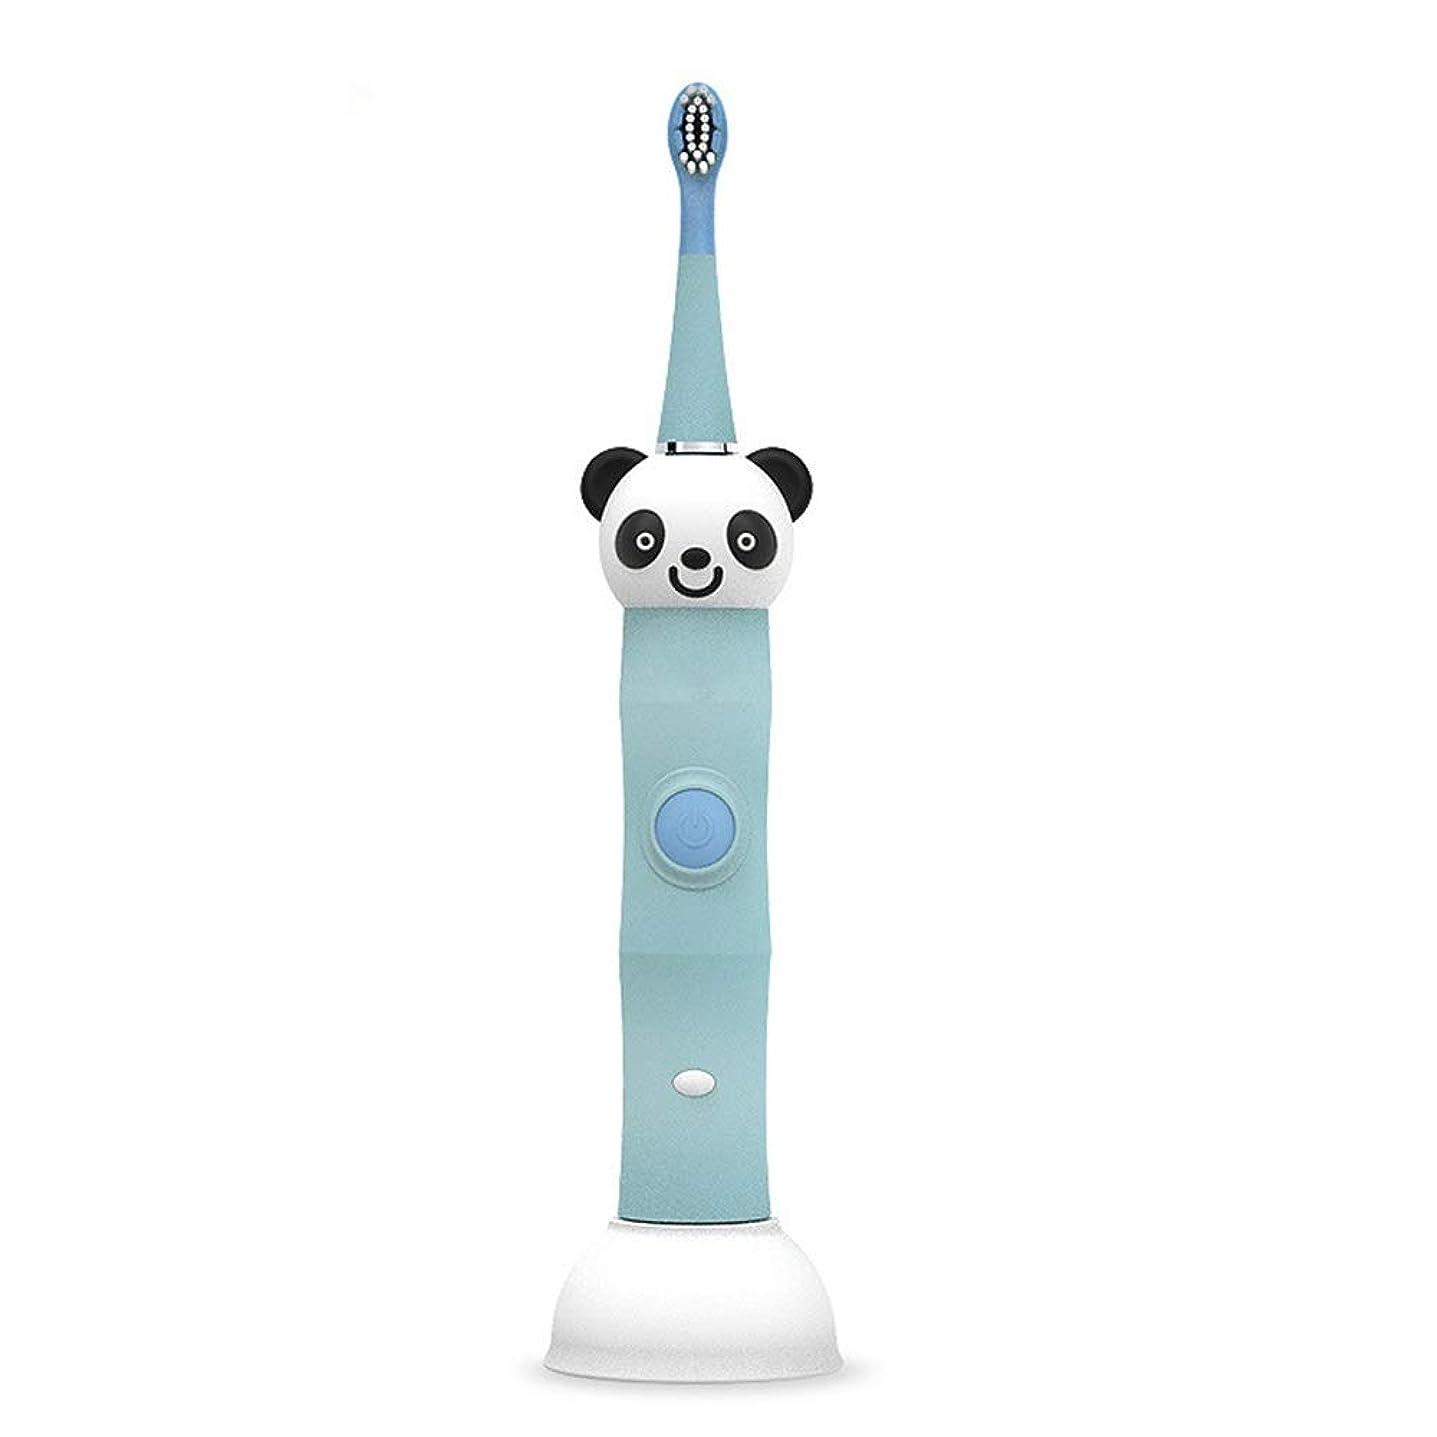 キリマンジャロエンゲージメントボイド自動歯ブラシ USBの充満基盤の柔らかい毛のきれいな電動歯ブラシとの子供の防水 (色 : 青, サイズ : Free size)